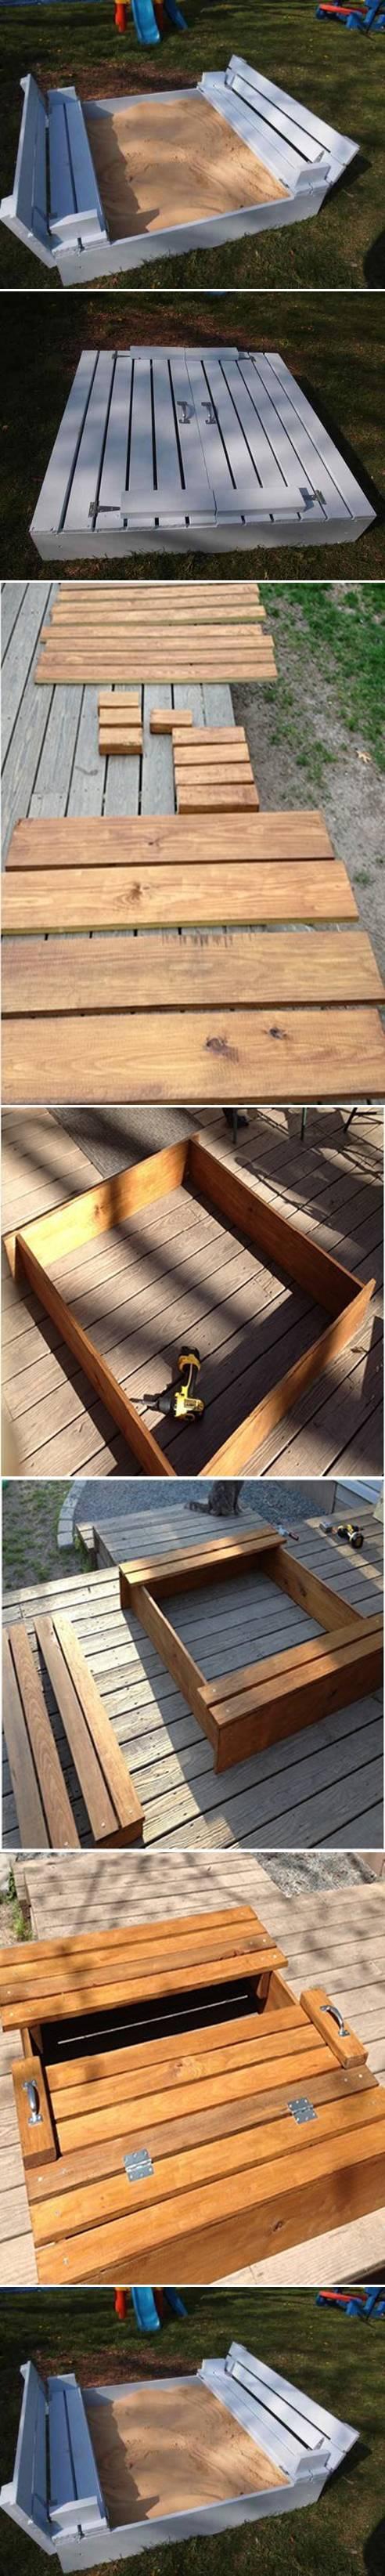 Diy Sandbox For Kids